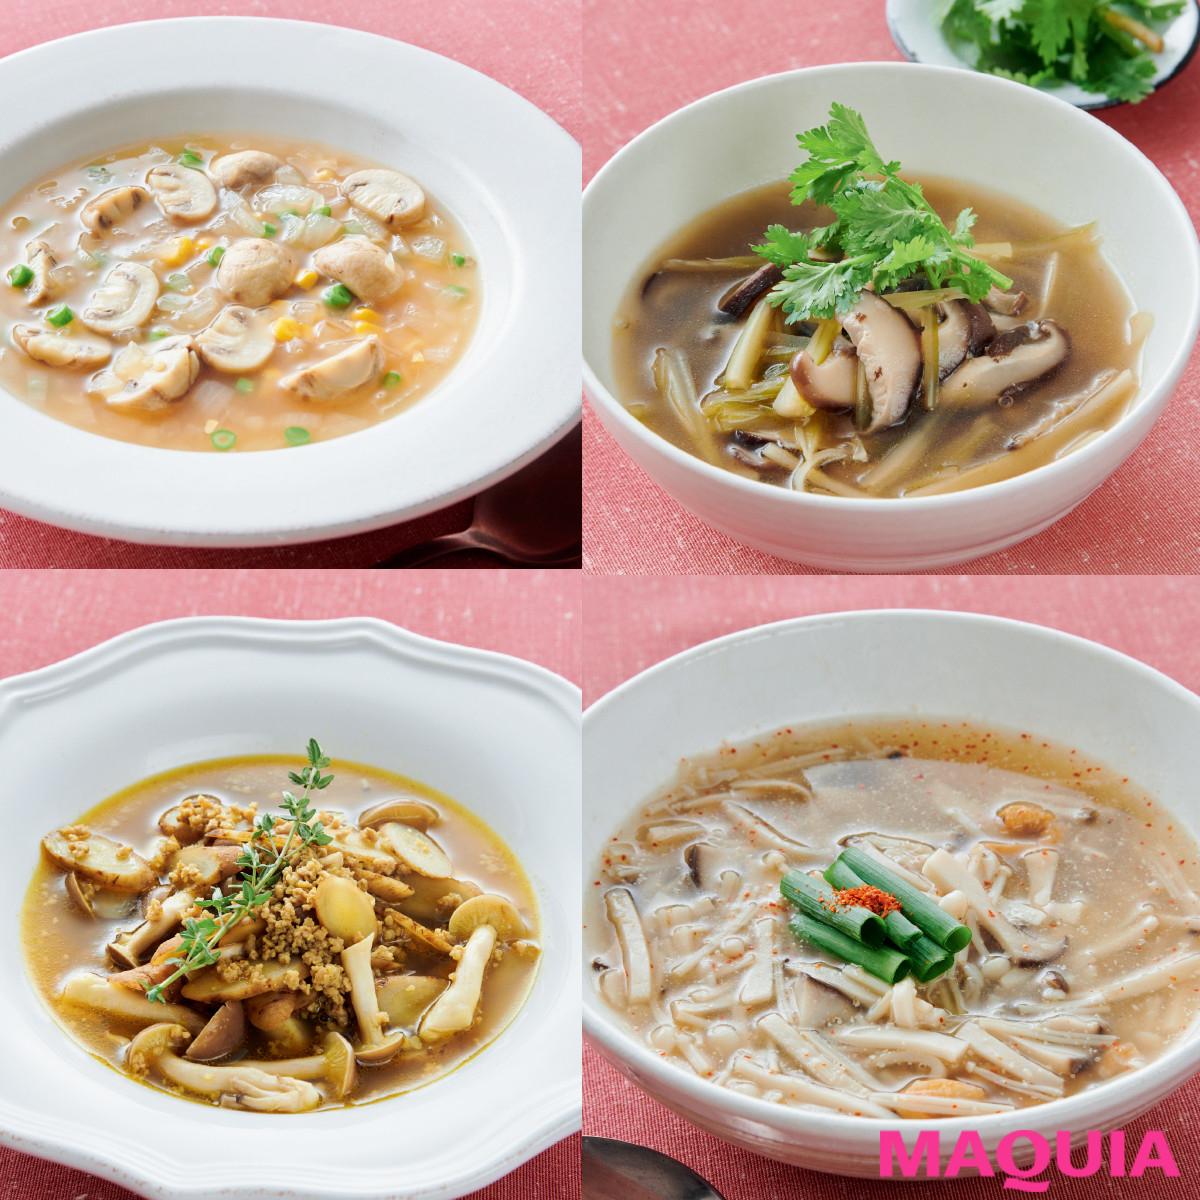 野菜ソムリエプロAtsushiさんが指南! スーパー食材きのこのスープで腸からキレイに